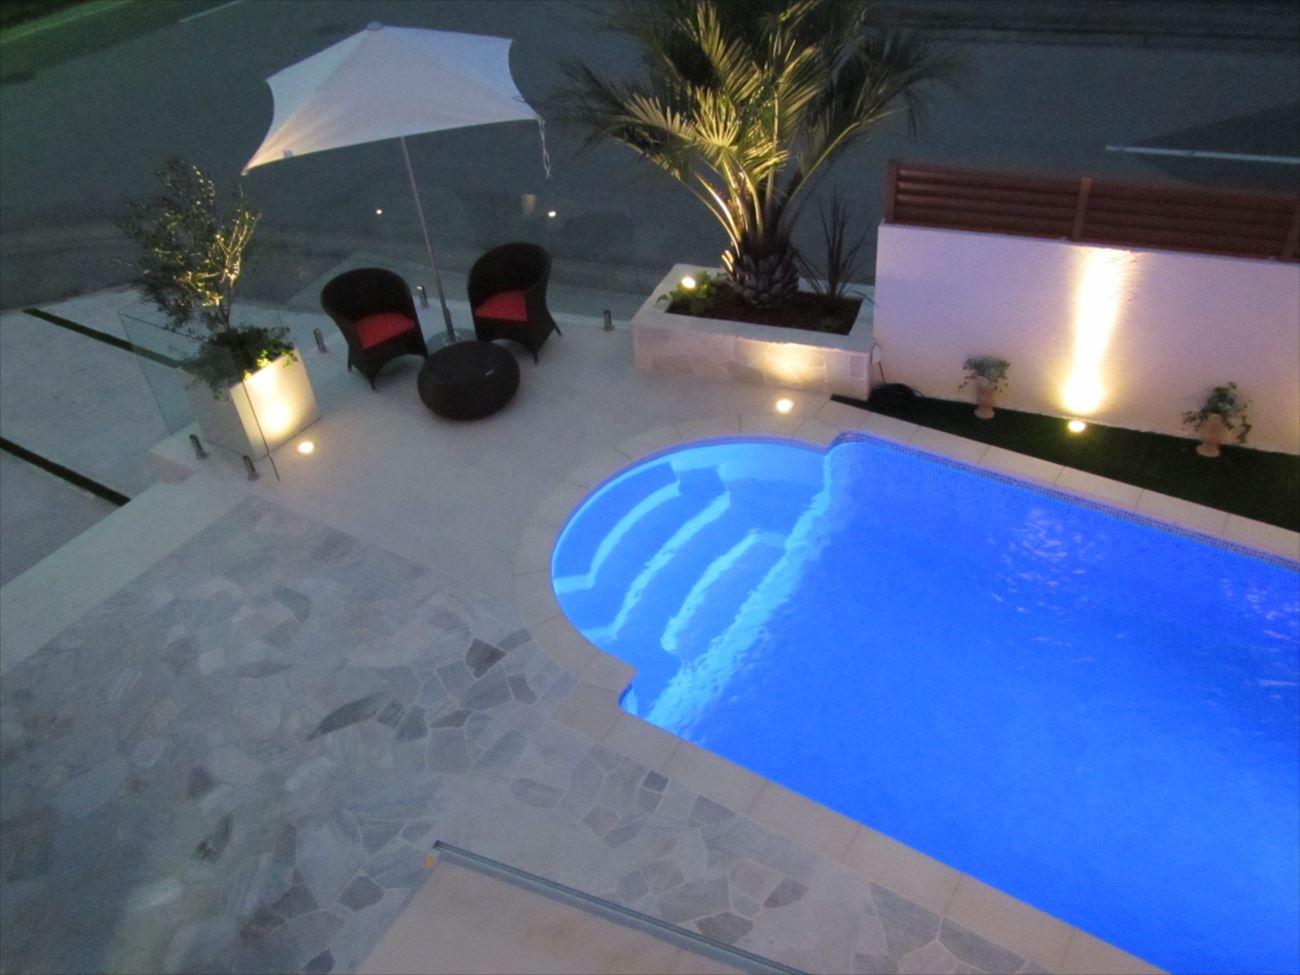 プール付きの家 イメージ画像8